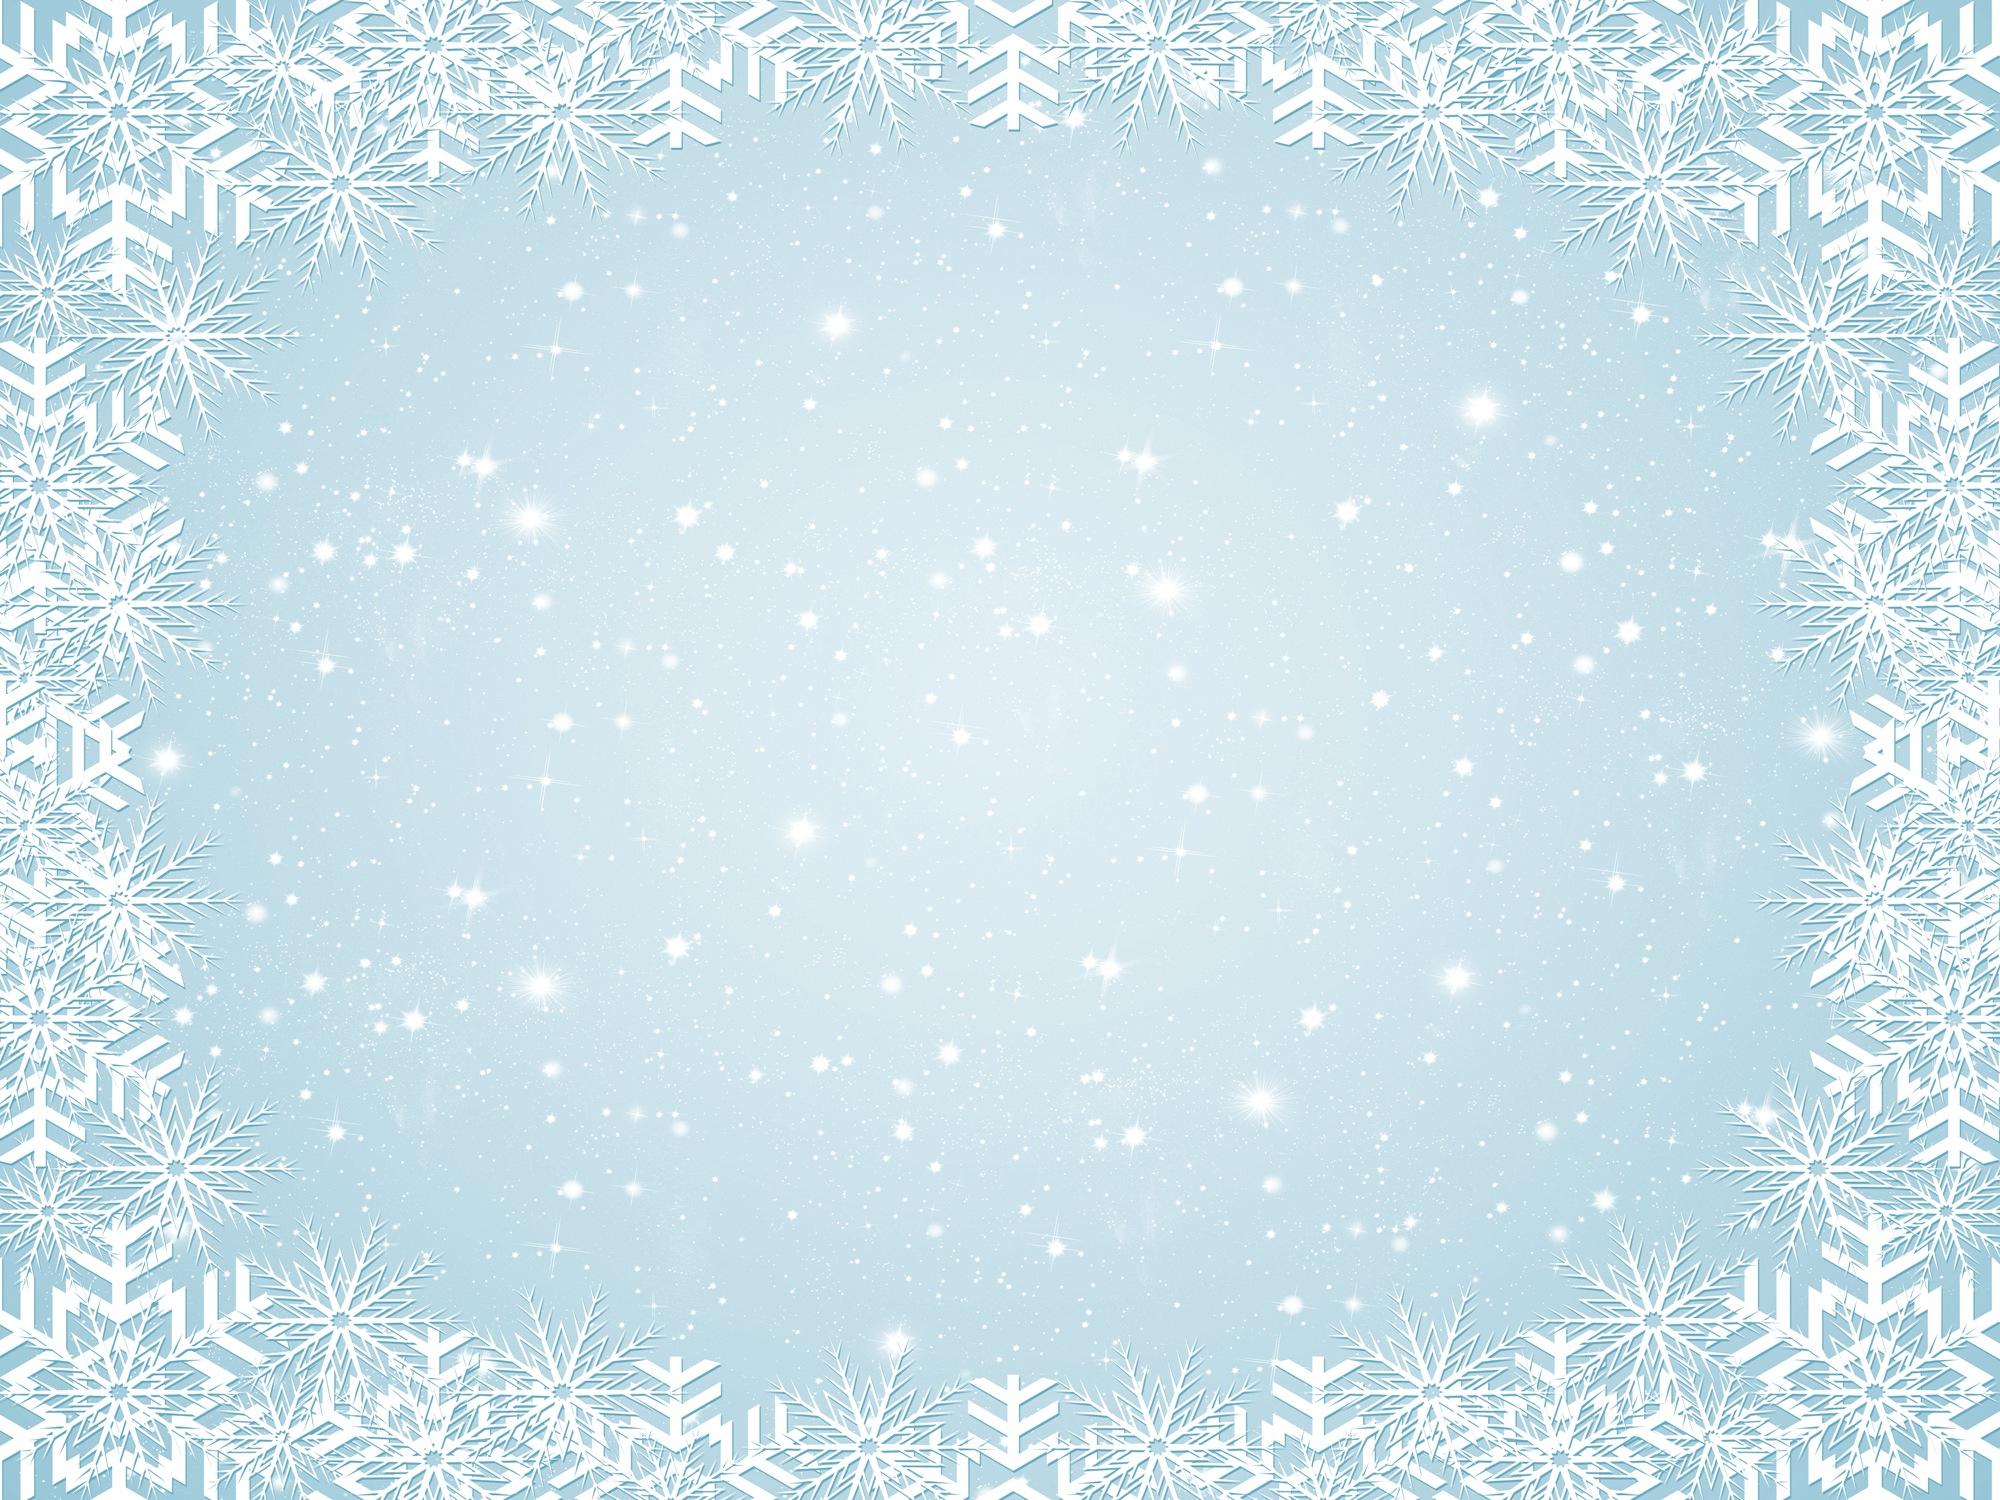 Новогодние открытки фоны для фотошопа